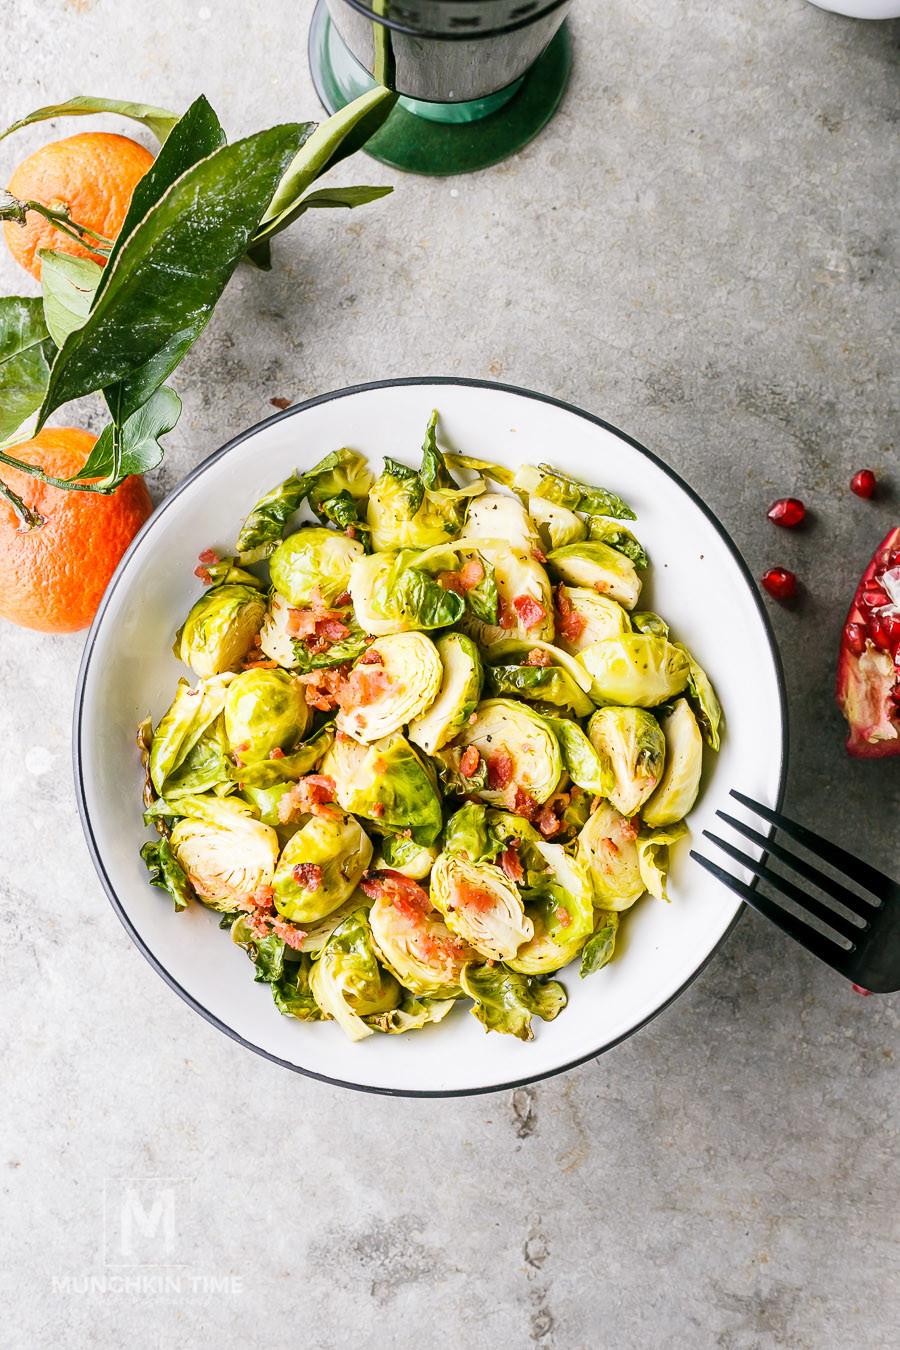 Appetizers For Thanksgiving Dinner  7 Thanksgiving Dinner Ideas 2017 Munchkin Time